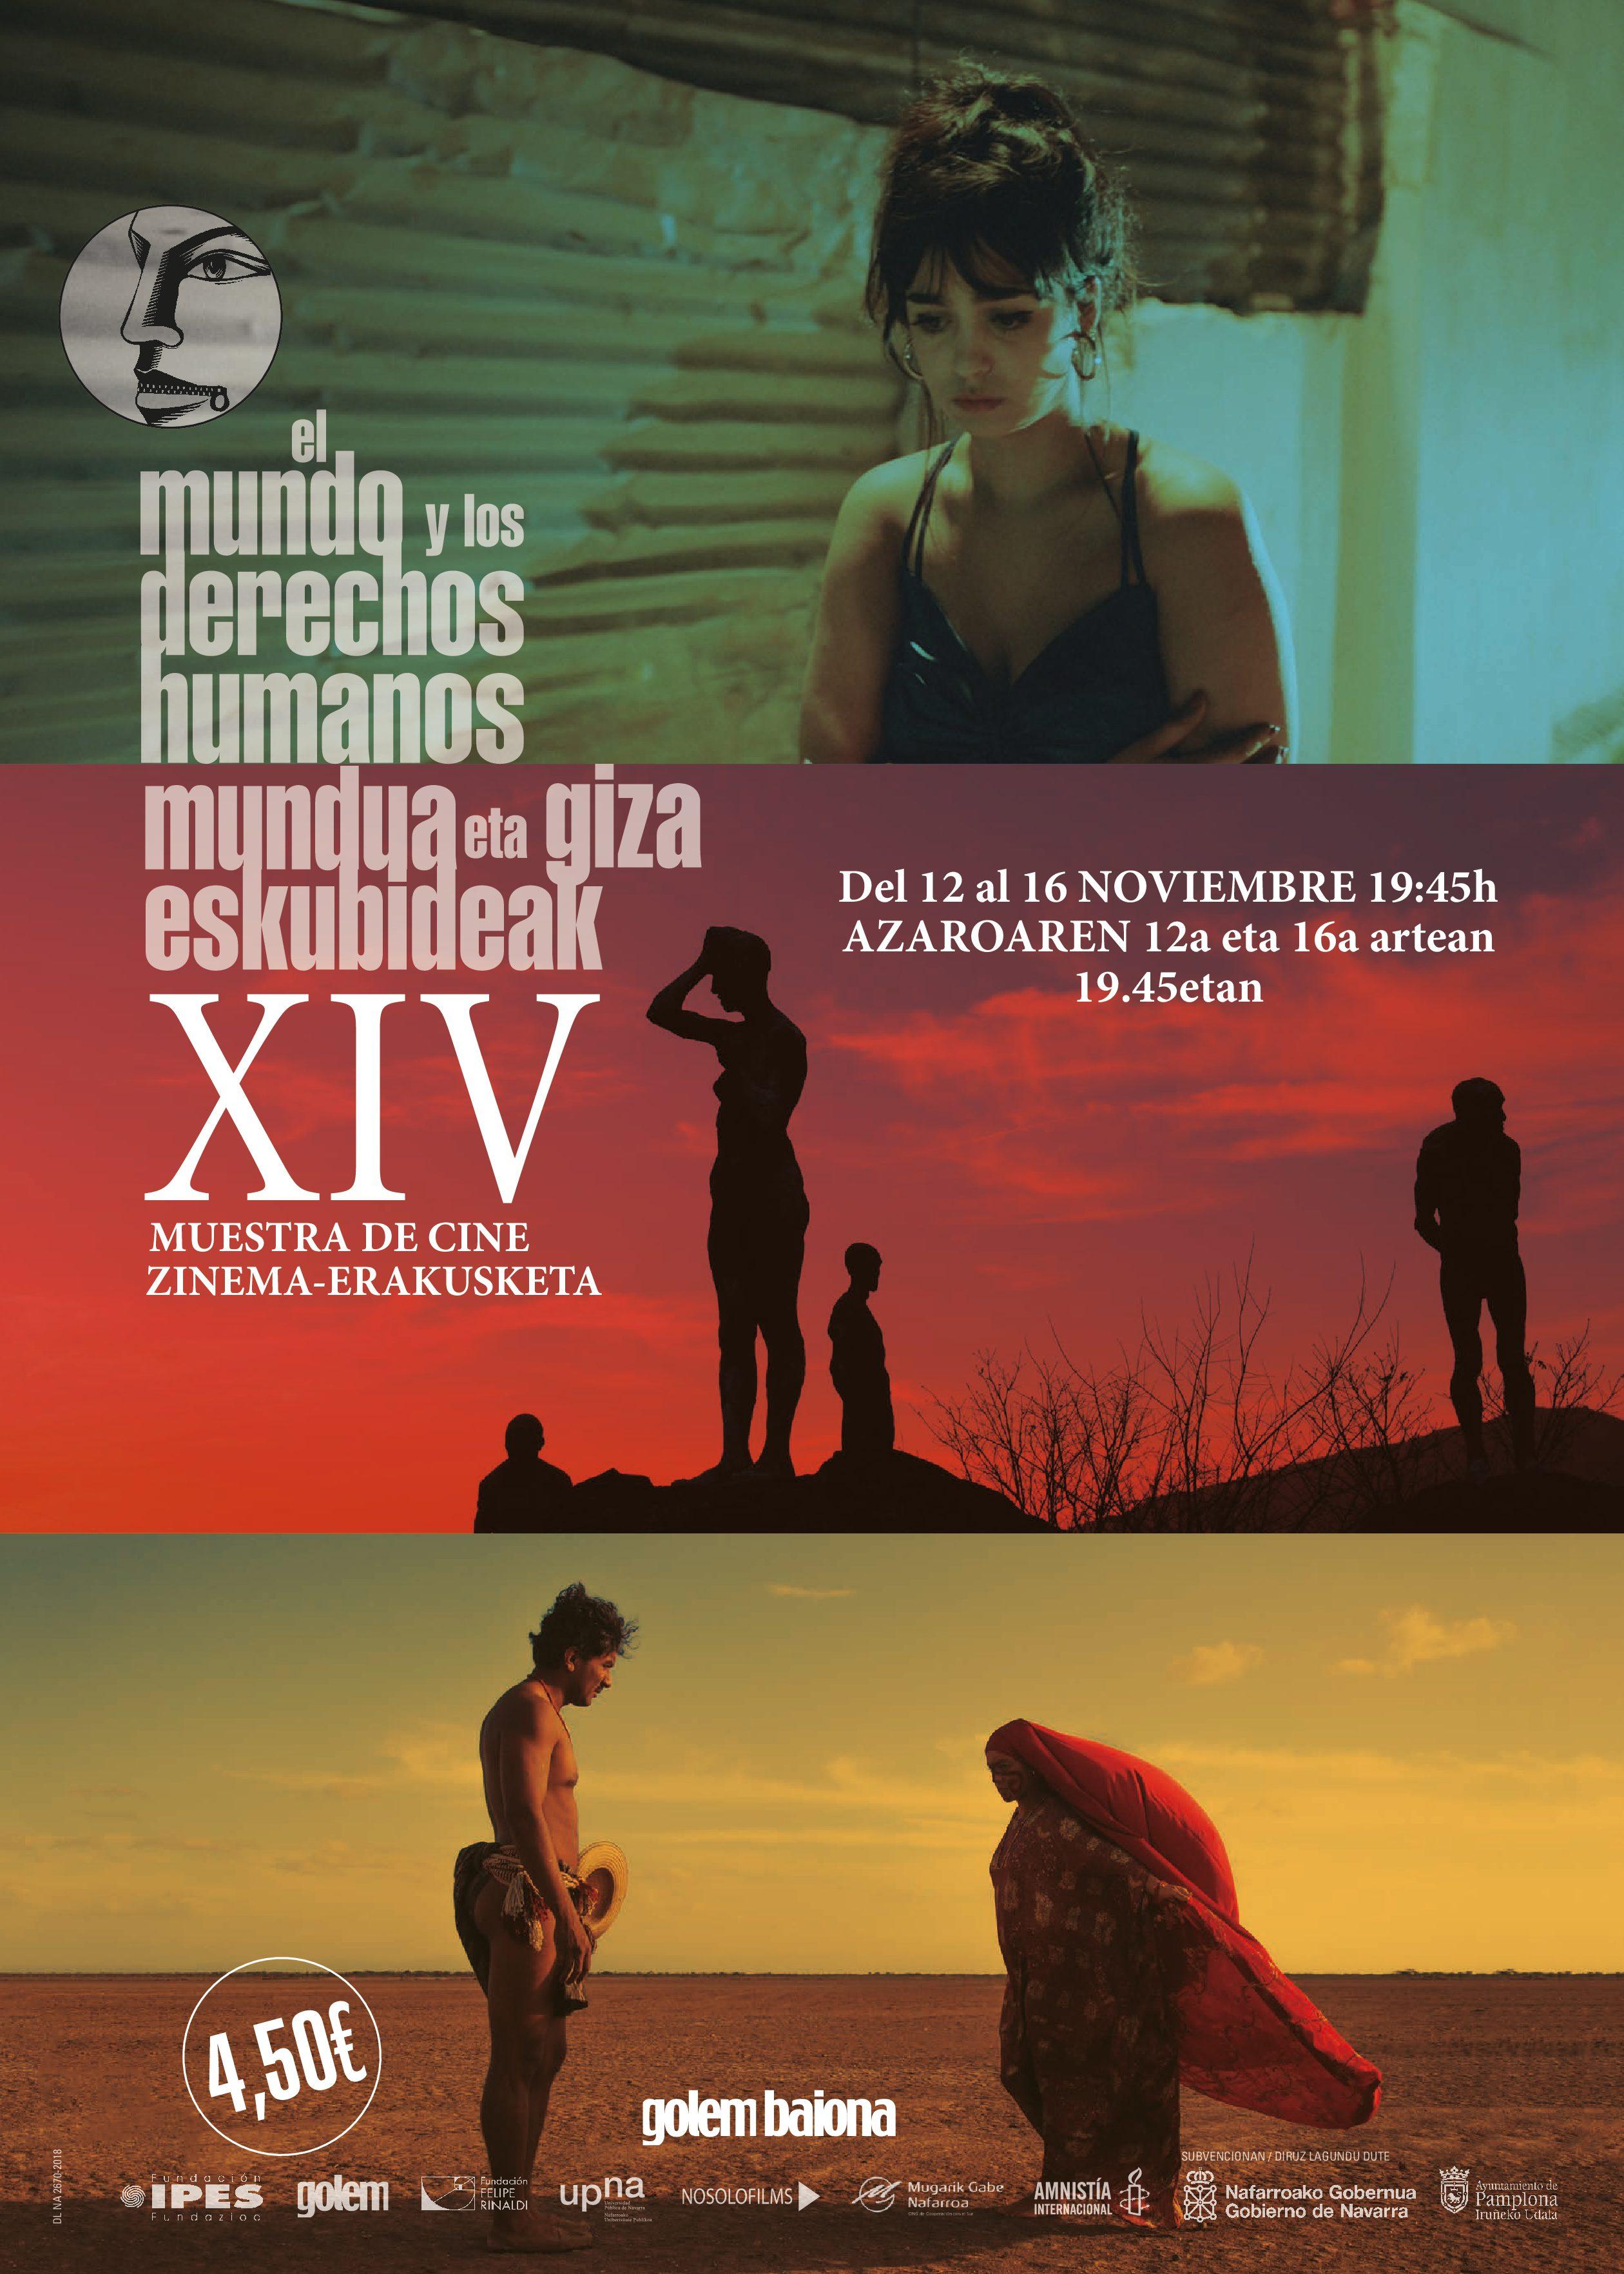 Muestra de cine. El Cine y los Derechos Humanos